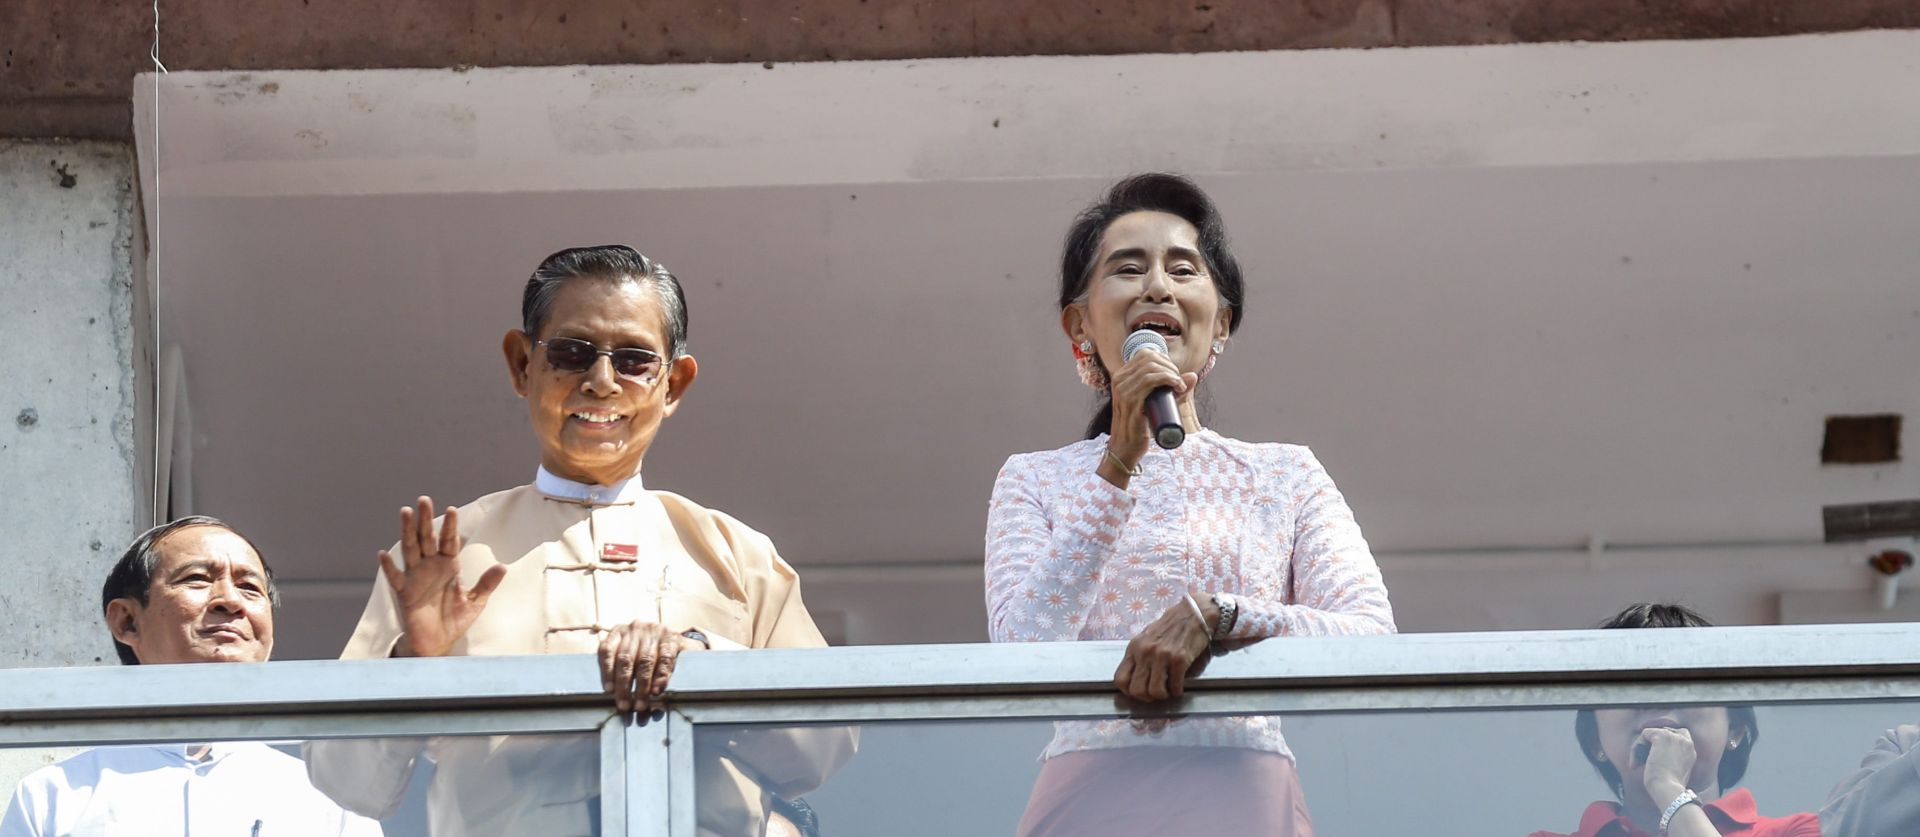 PRVI IZBORI U MIANMARU: Stranka Suu Kyi očekuje premoćnu izbornu pobjedu